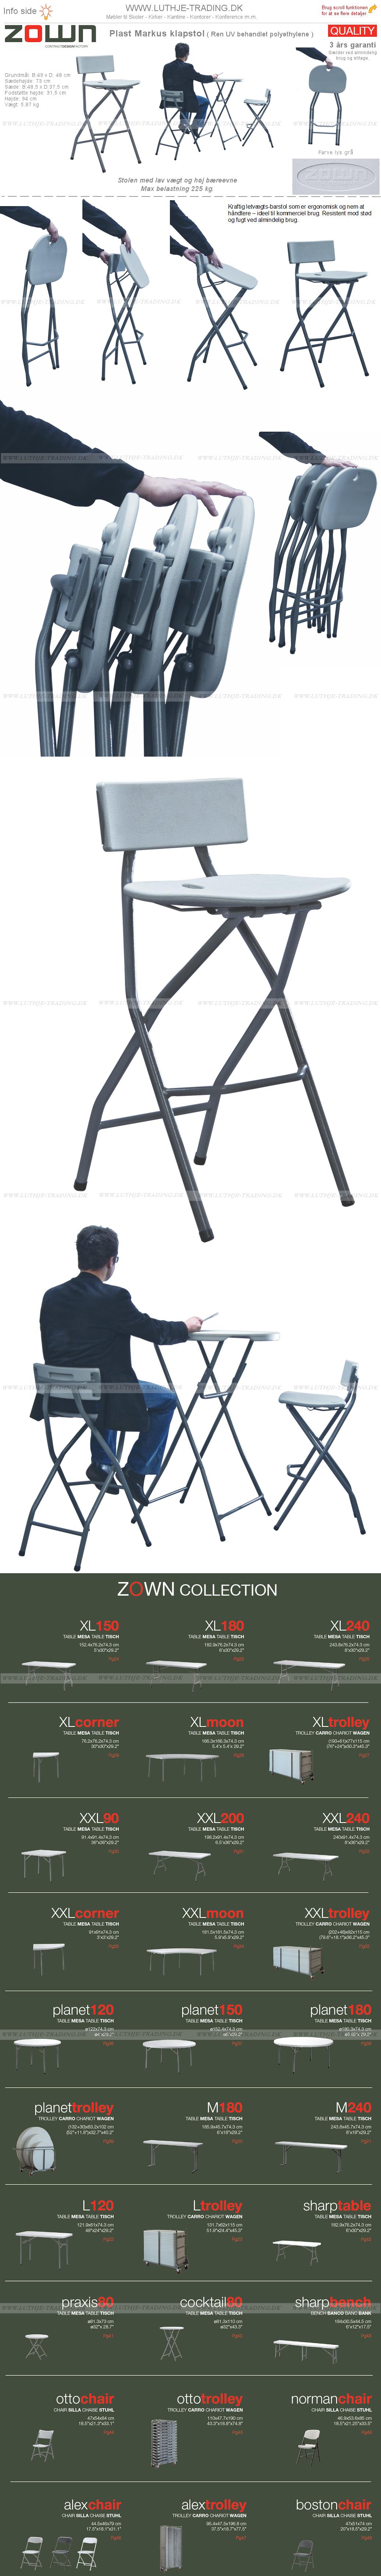 ZOWN Markus høj klapstole